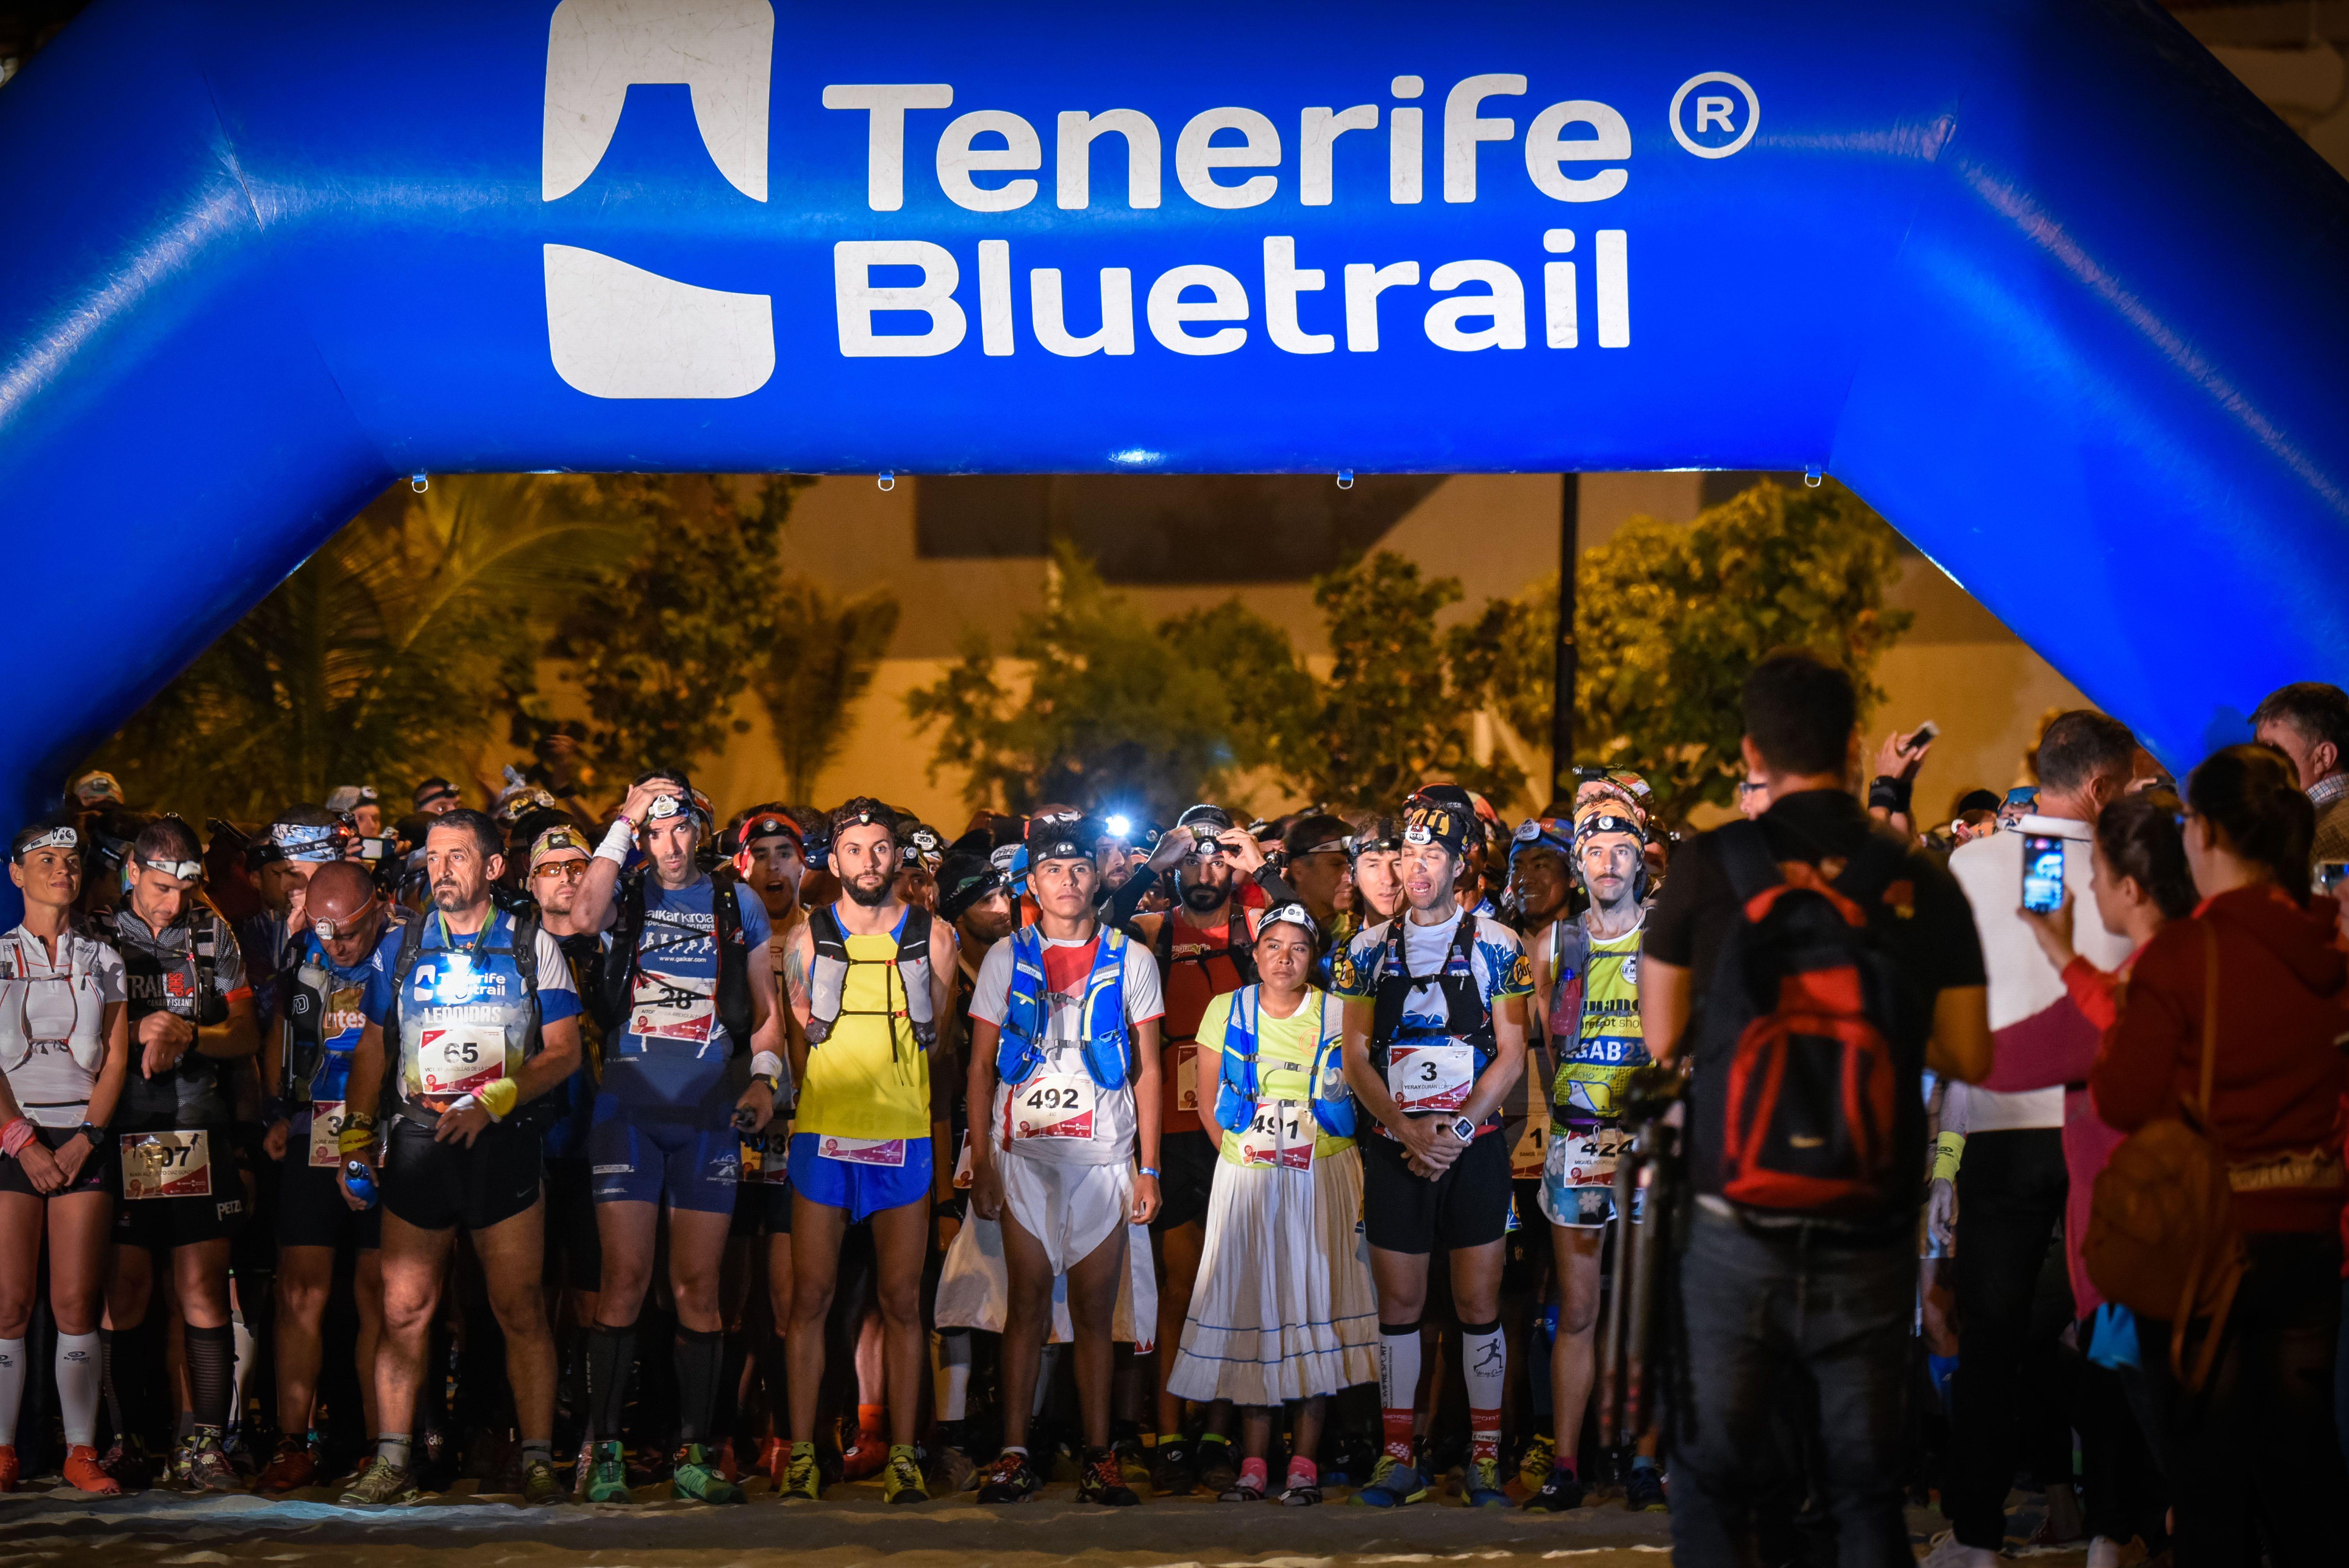 La Tenerife Bluetrail será Campeonato de España individual y de selecciones en 2021